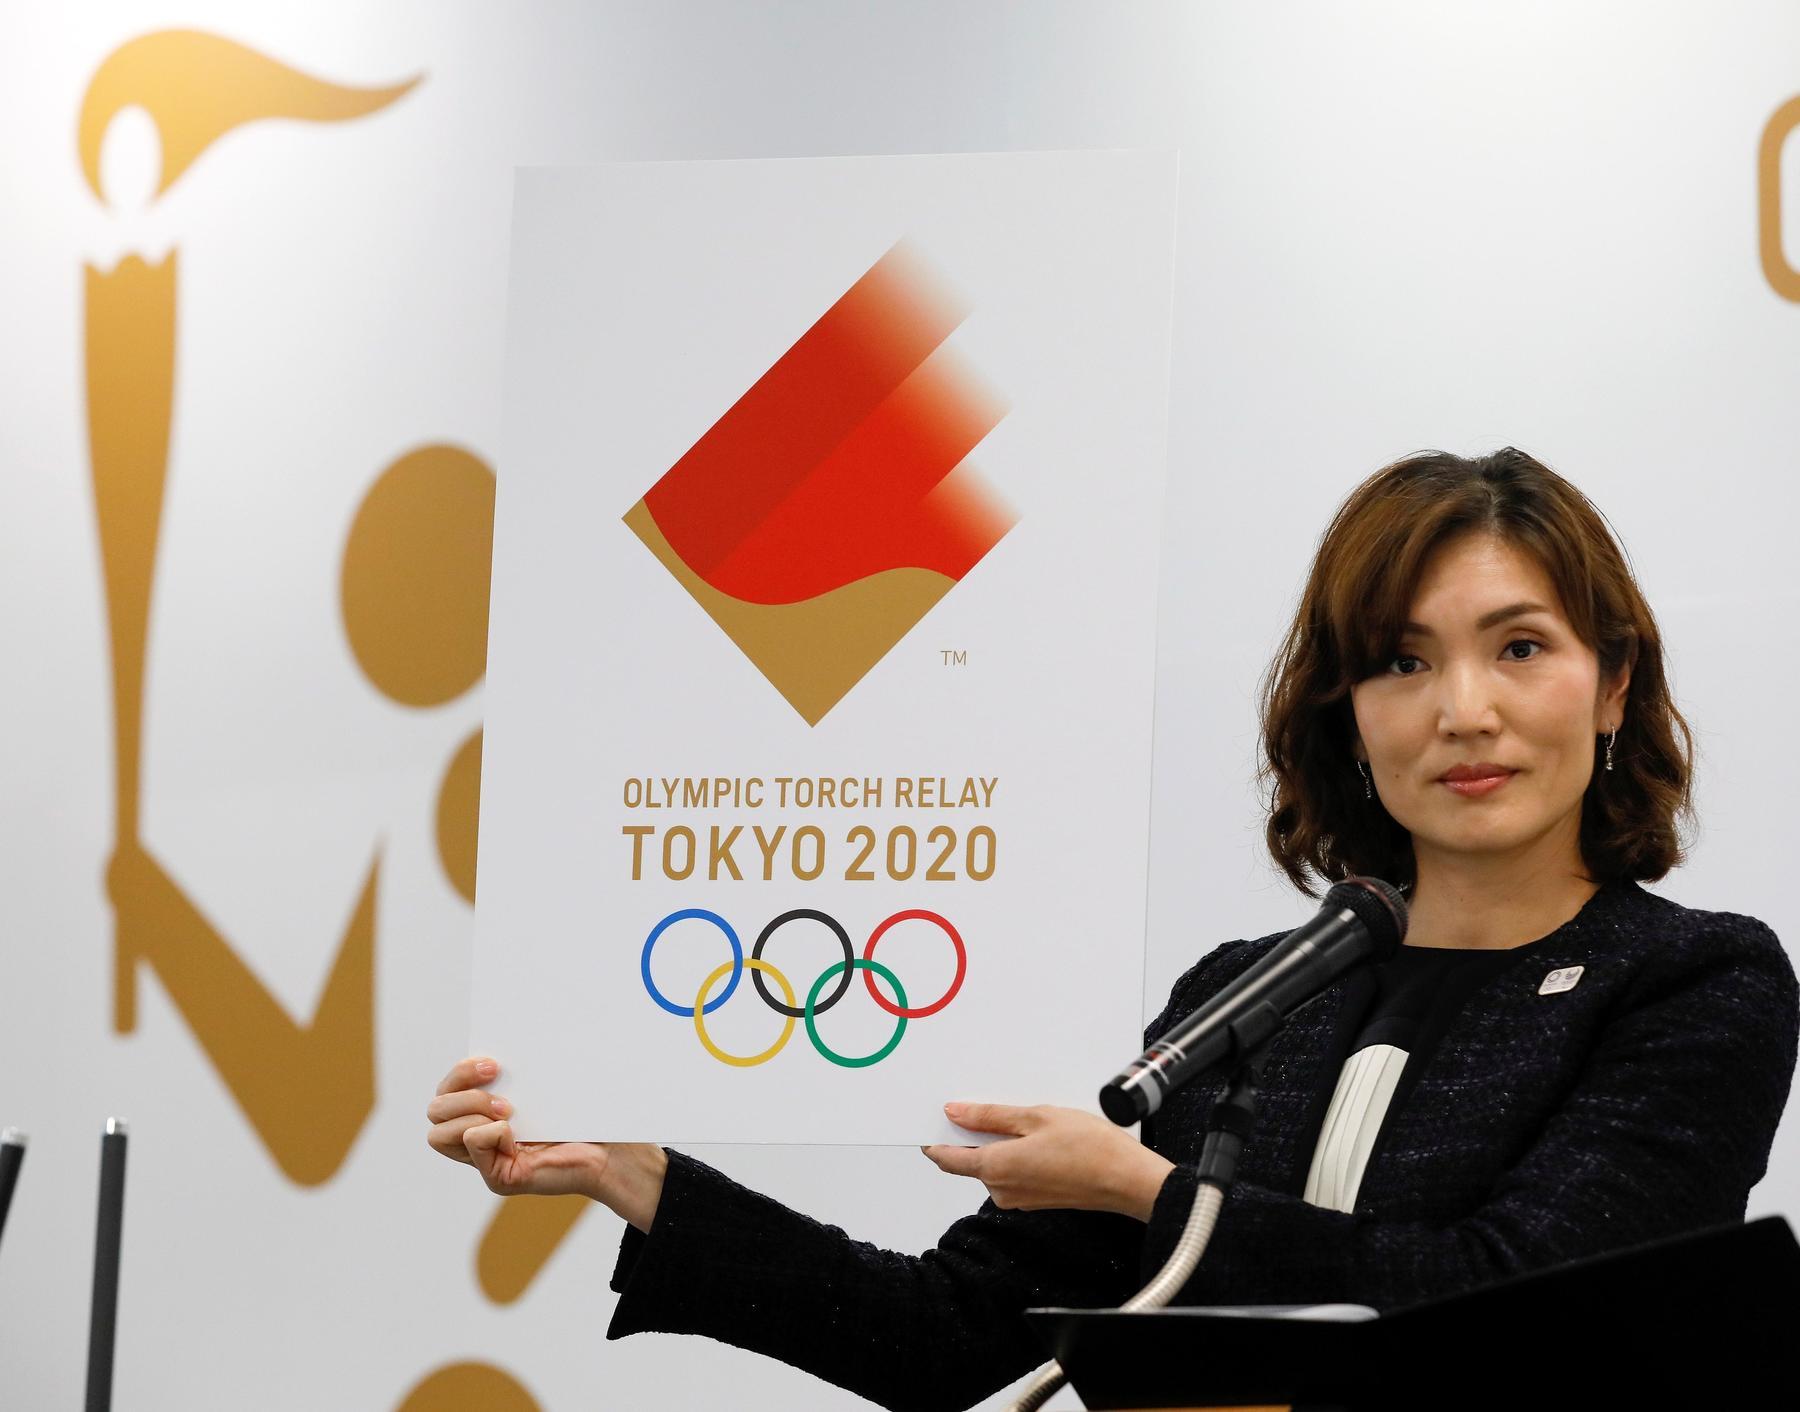 Calendario Completo 2020.Presentan Calendario De Juegos Olimpicos Tokio 2020 El